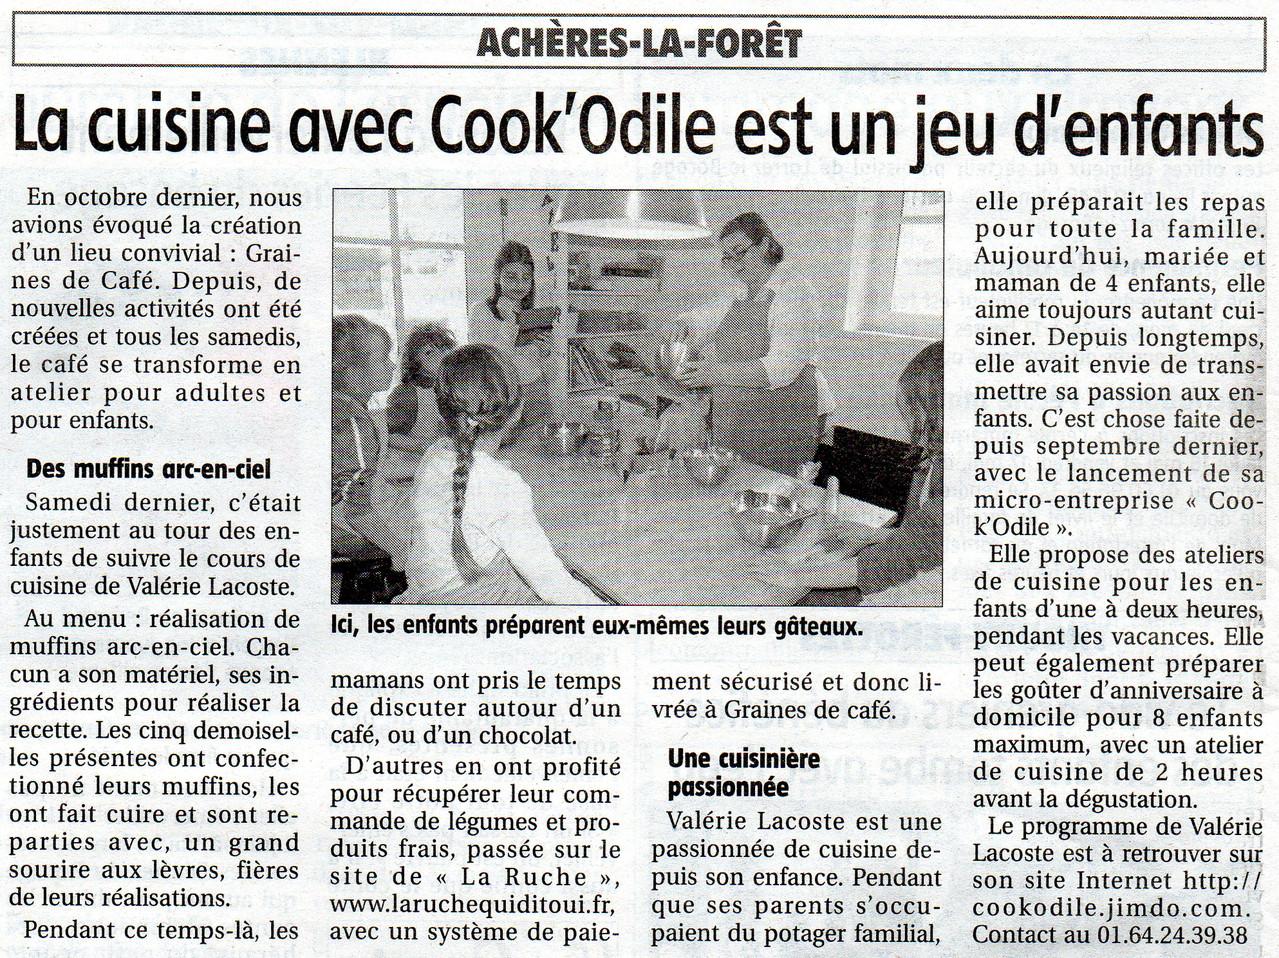 L'Eclaireur du Gâtinais - Jeudi 9 mai 2013